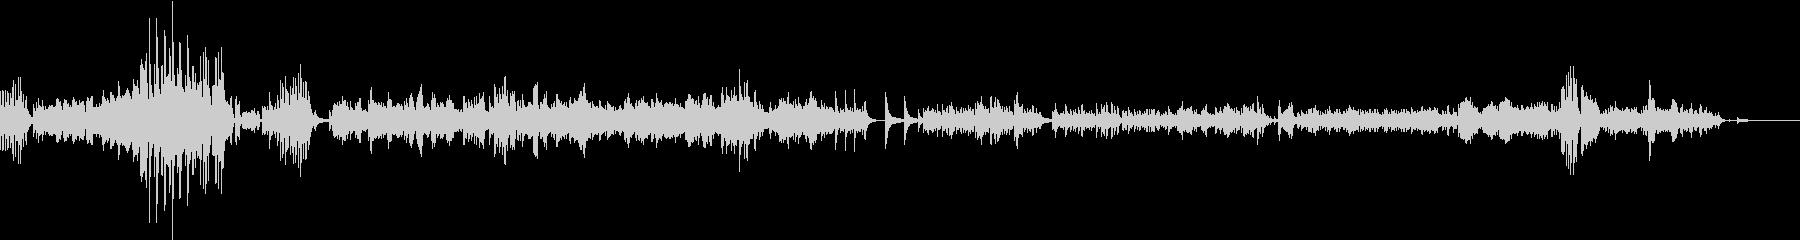 ショパンの協奏曲が短いピアノソロ曲にの未再生の波形